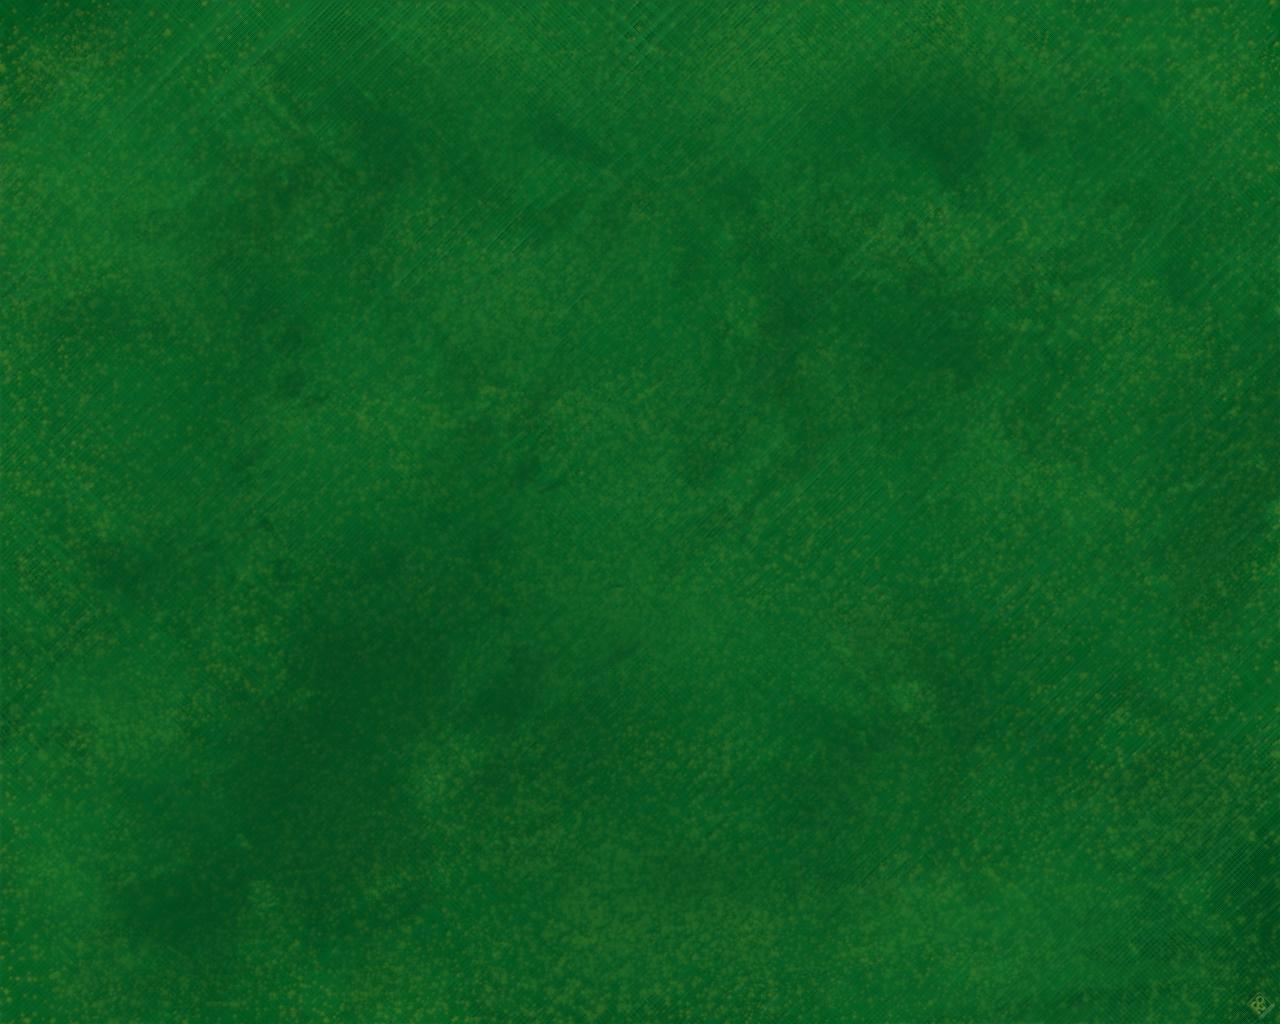 Poker Table Felt Wallpaper | grcom.info - 997.9KB